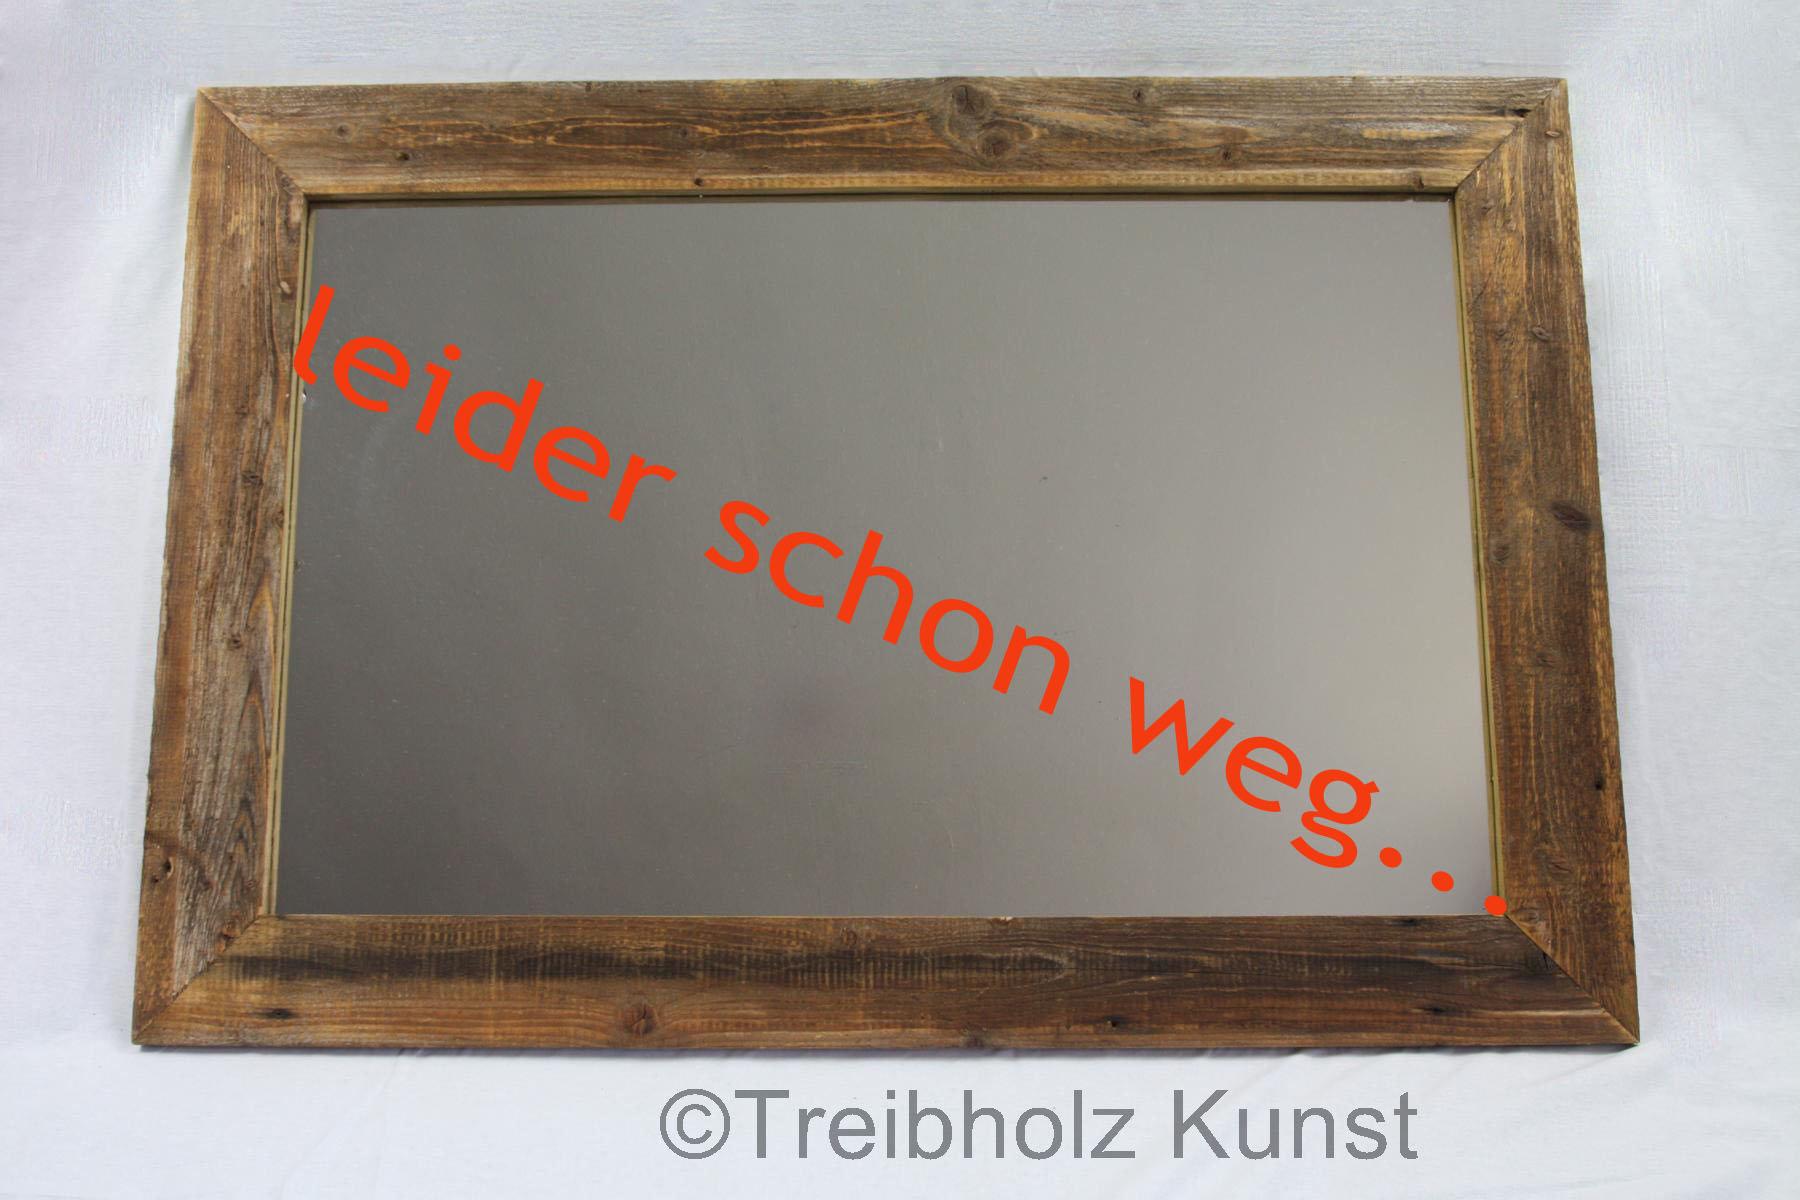 Treibholz Spiegel Www Treibholz Bodensee De Schwemmholz Spiegel